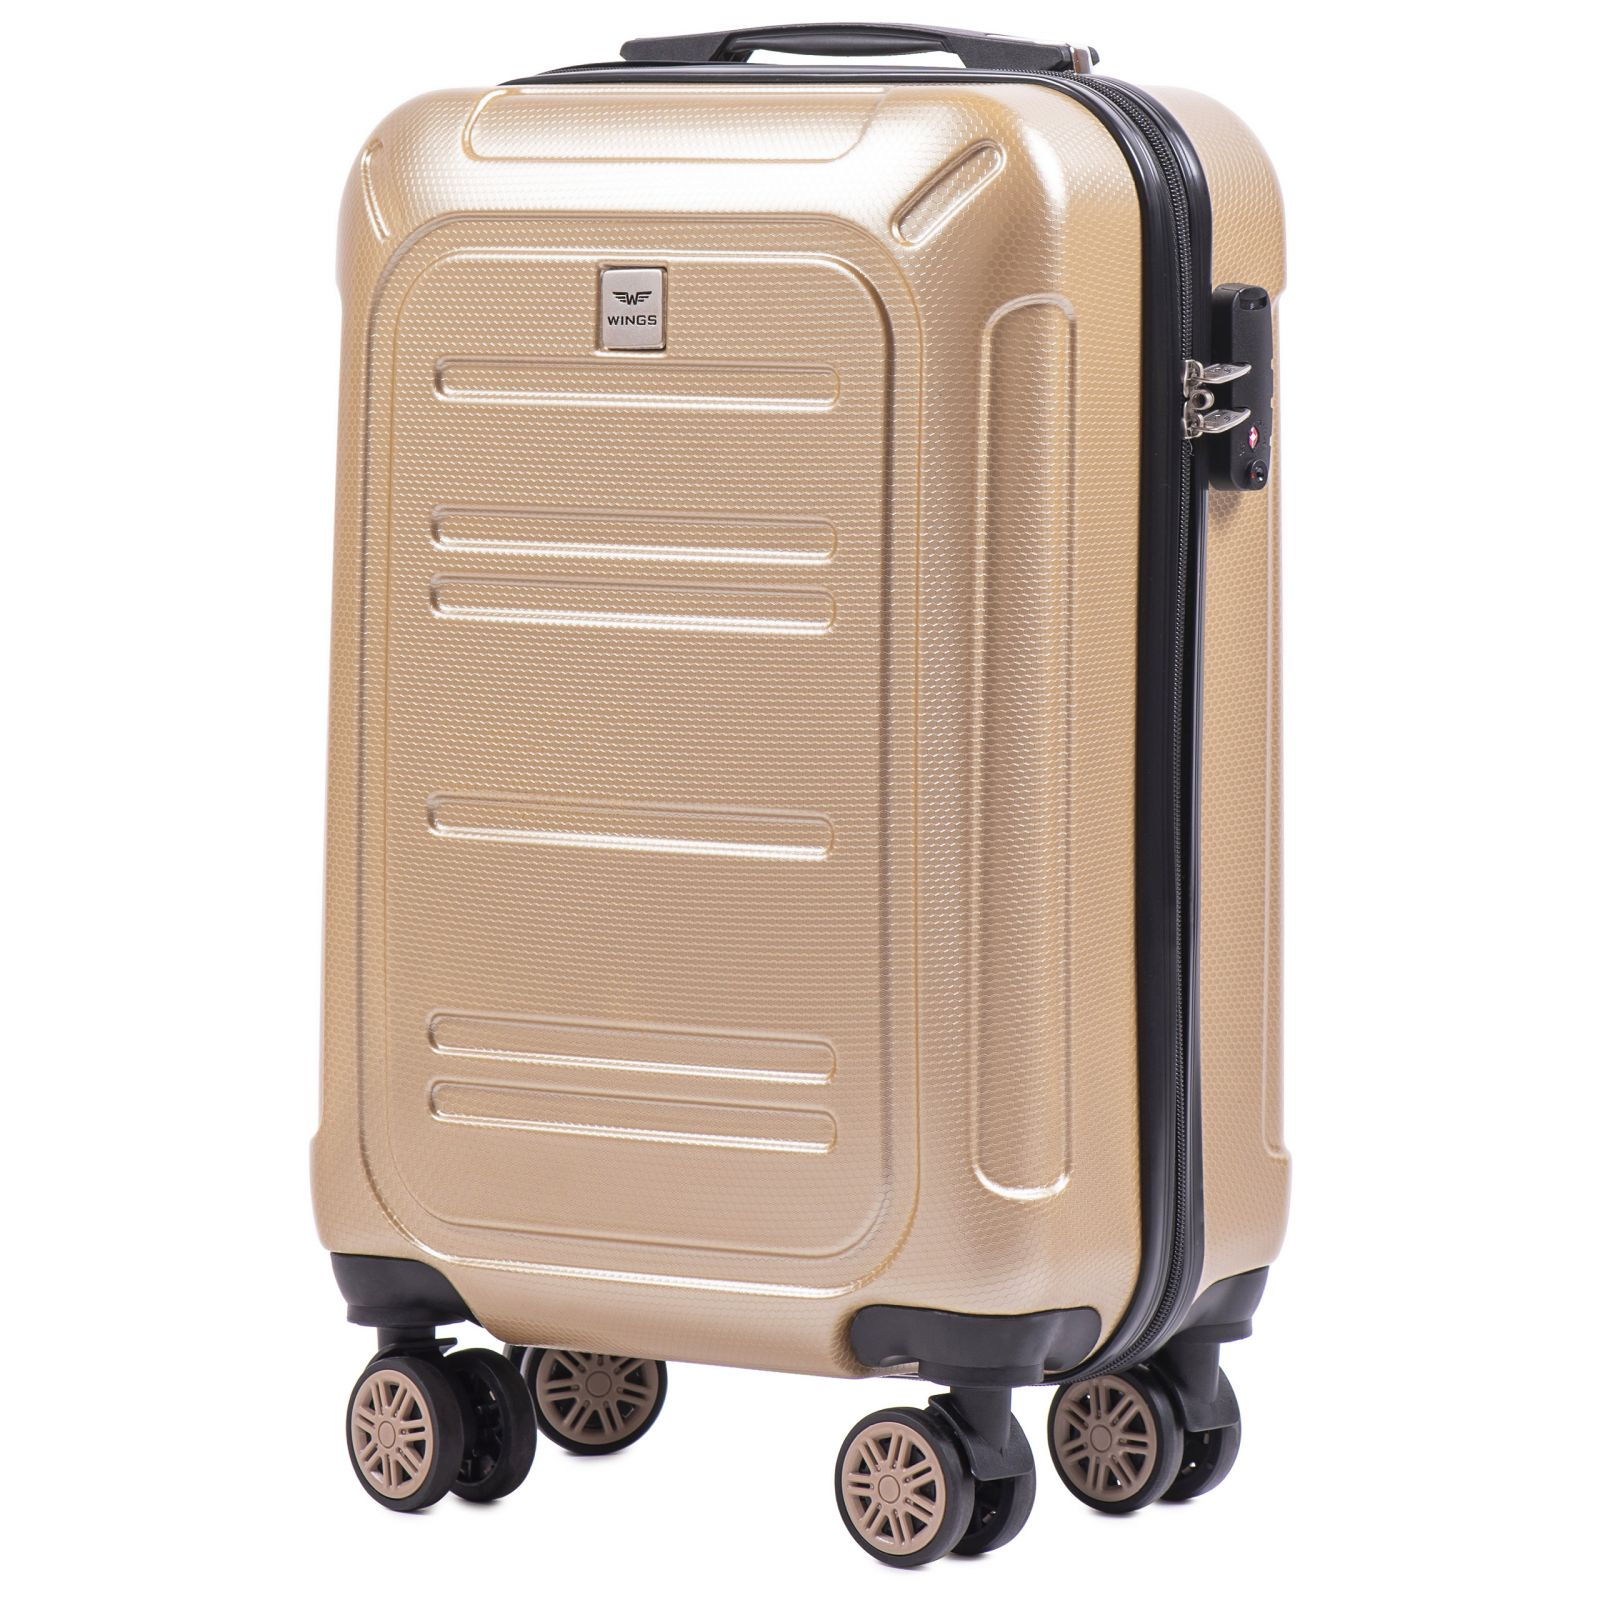 Cestovní kufr WINGS ABS POLIPROPYLEN CHAMPAGNE malý S E-batoh